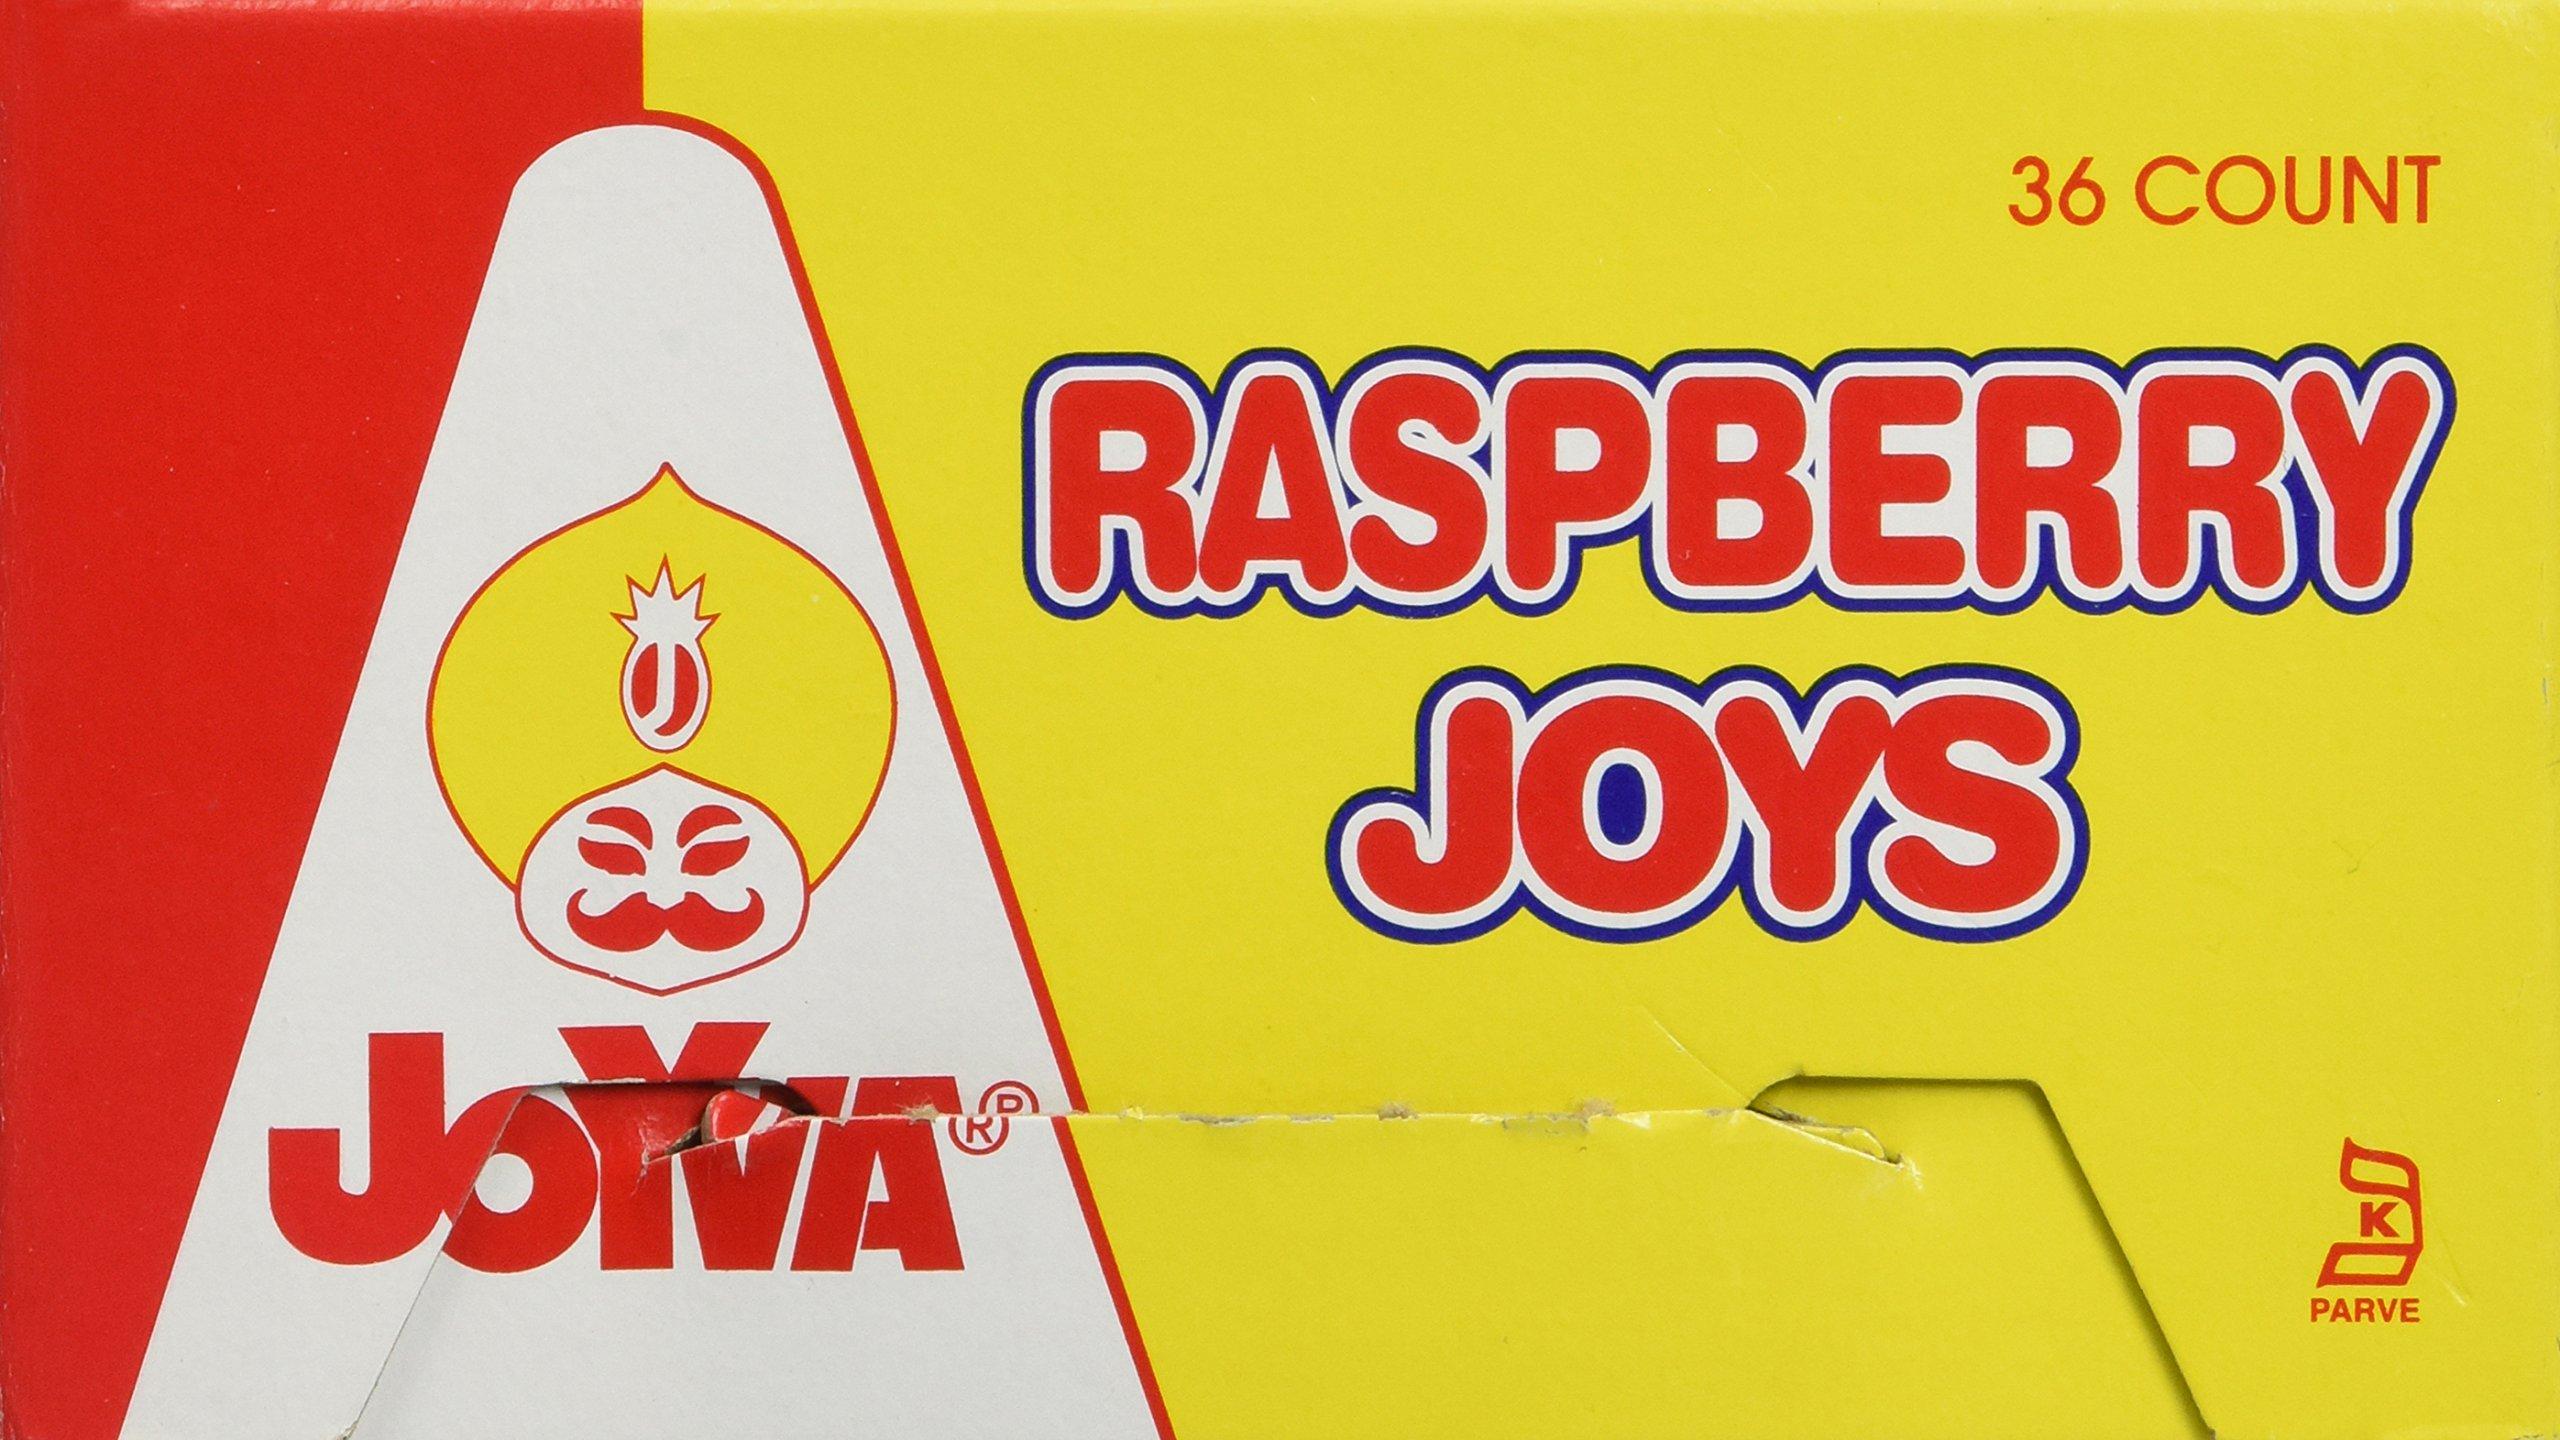 Joyva Raspberry Joys, 1.5-Ounce Packages (Pack of 36) by Joyva (Image #5)